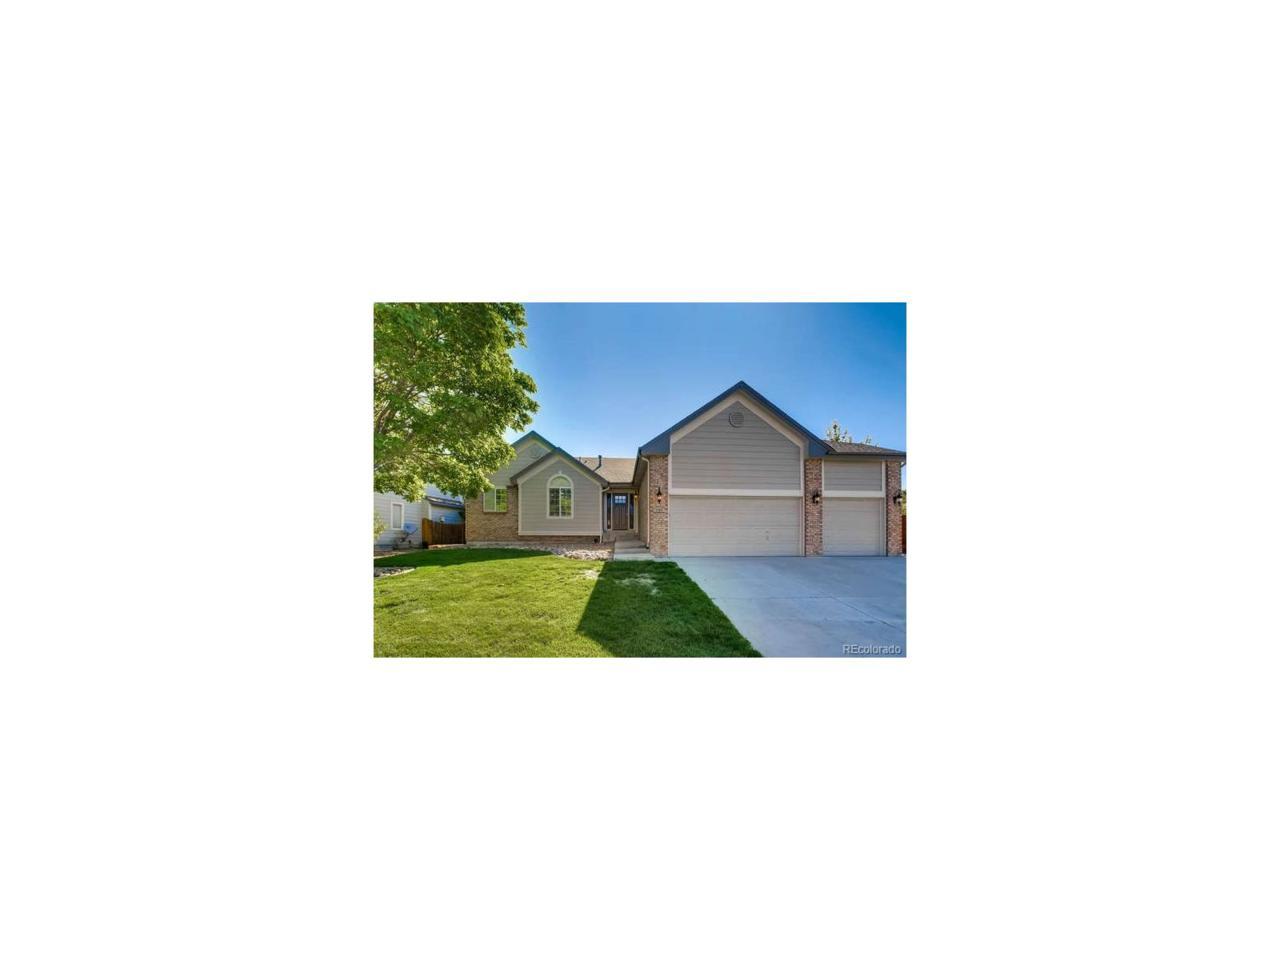 1360 Fox Canyon Lane, Castle Rock, CO 80104 (MLS #1936566) :: 8z Real Estate